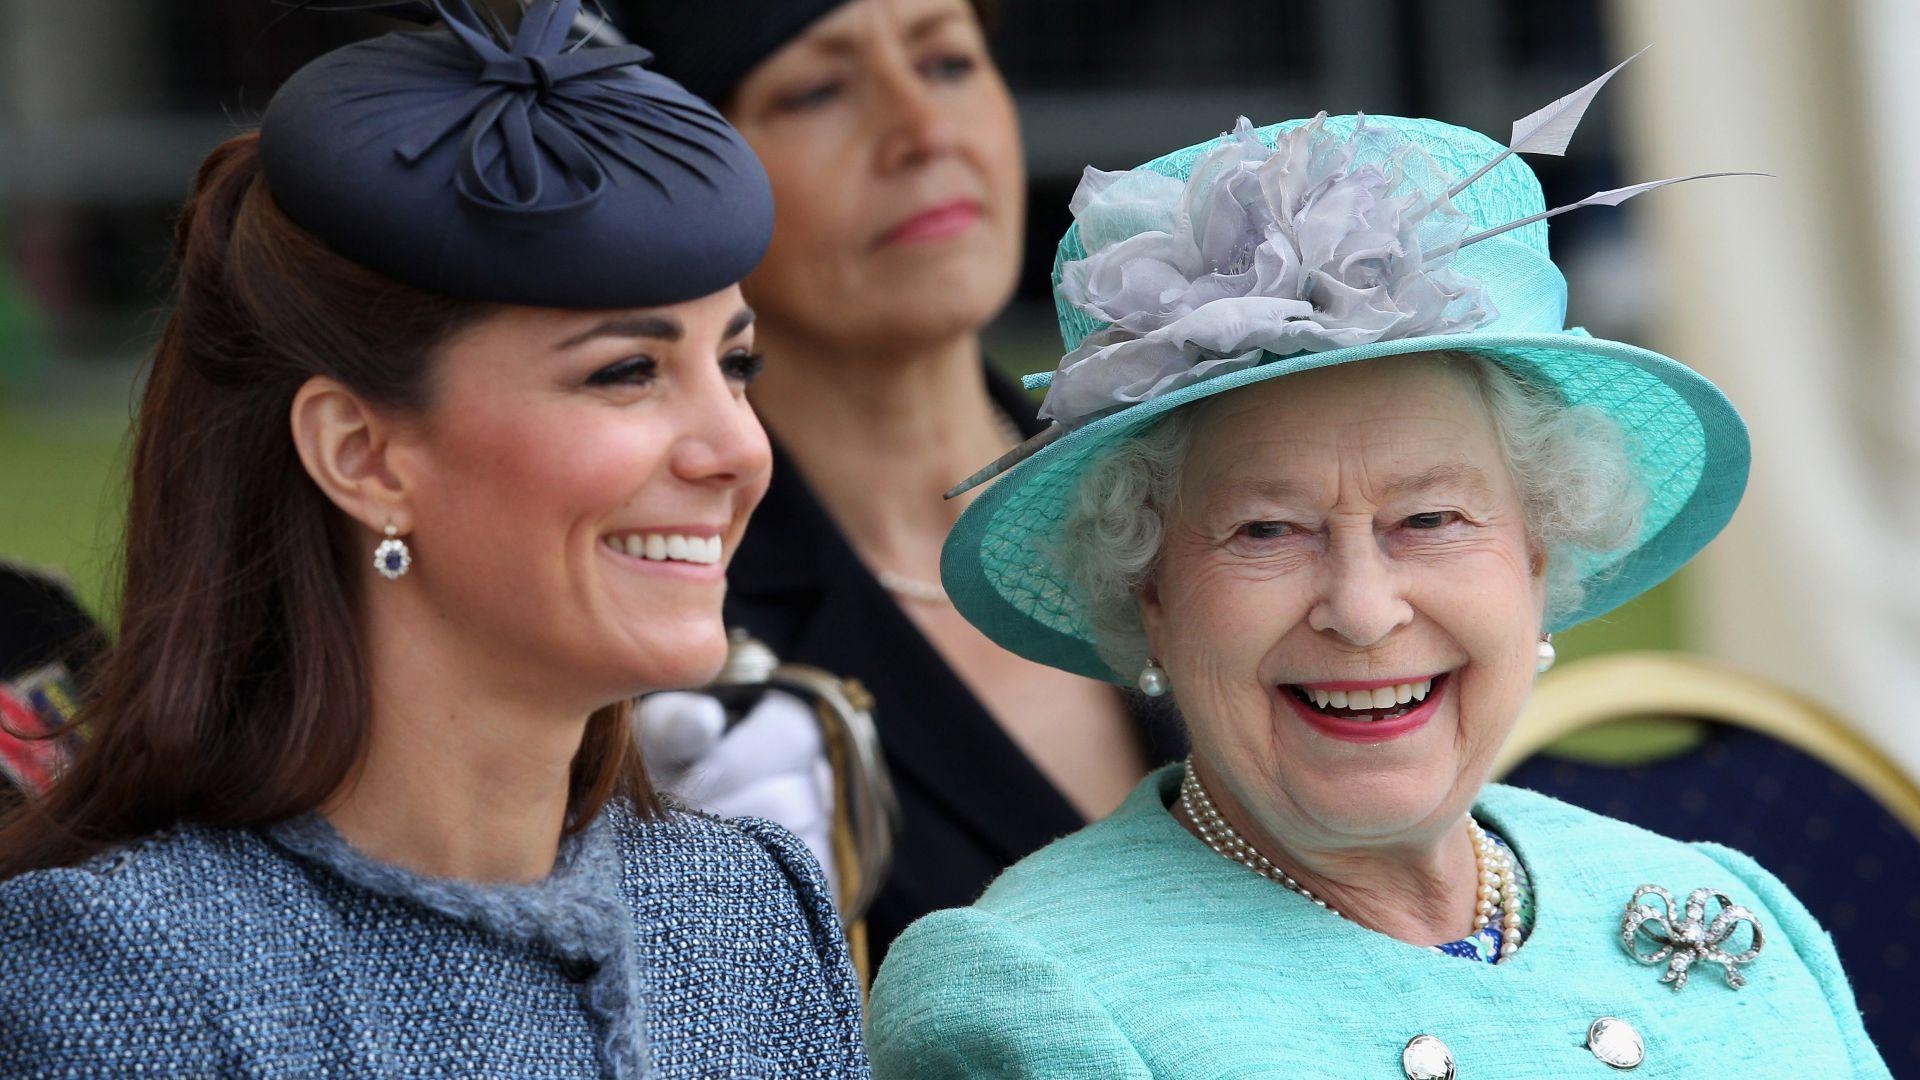 Кралица Елизабет Втора поздрави участниците във фотоконкурса на Кейт Мидълтън